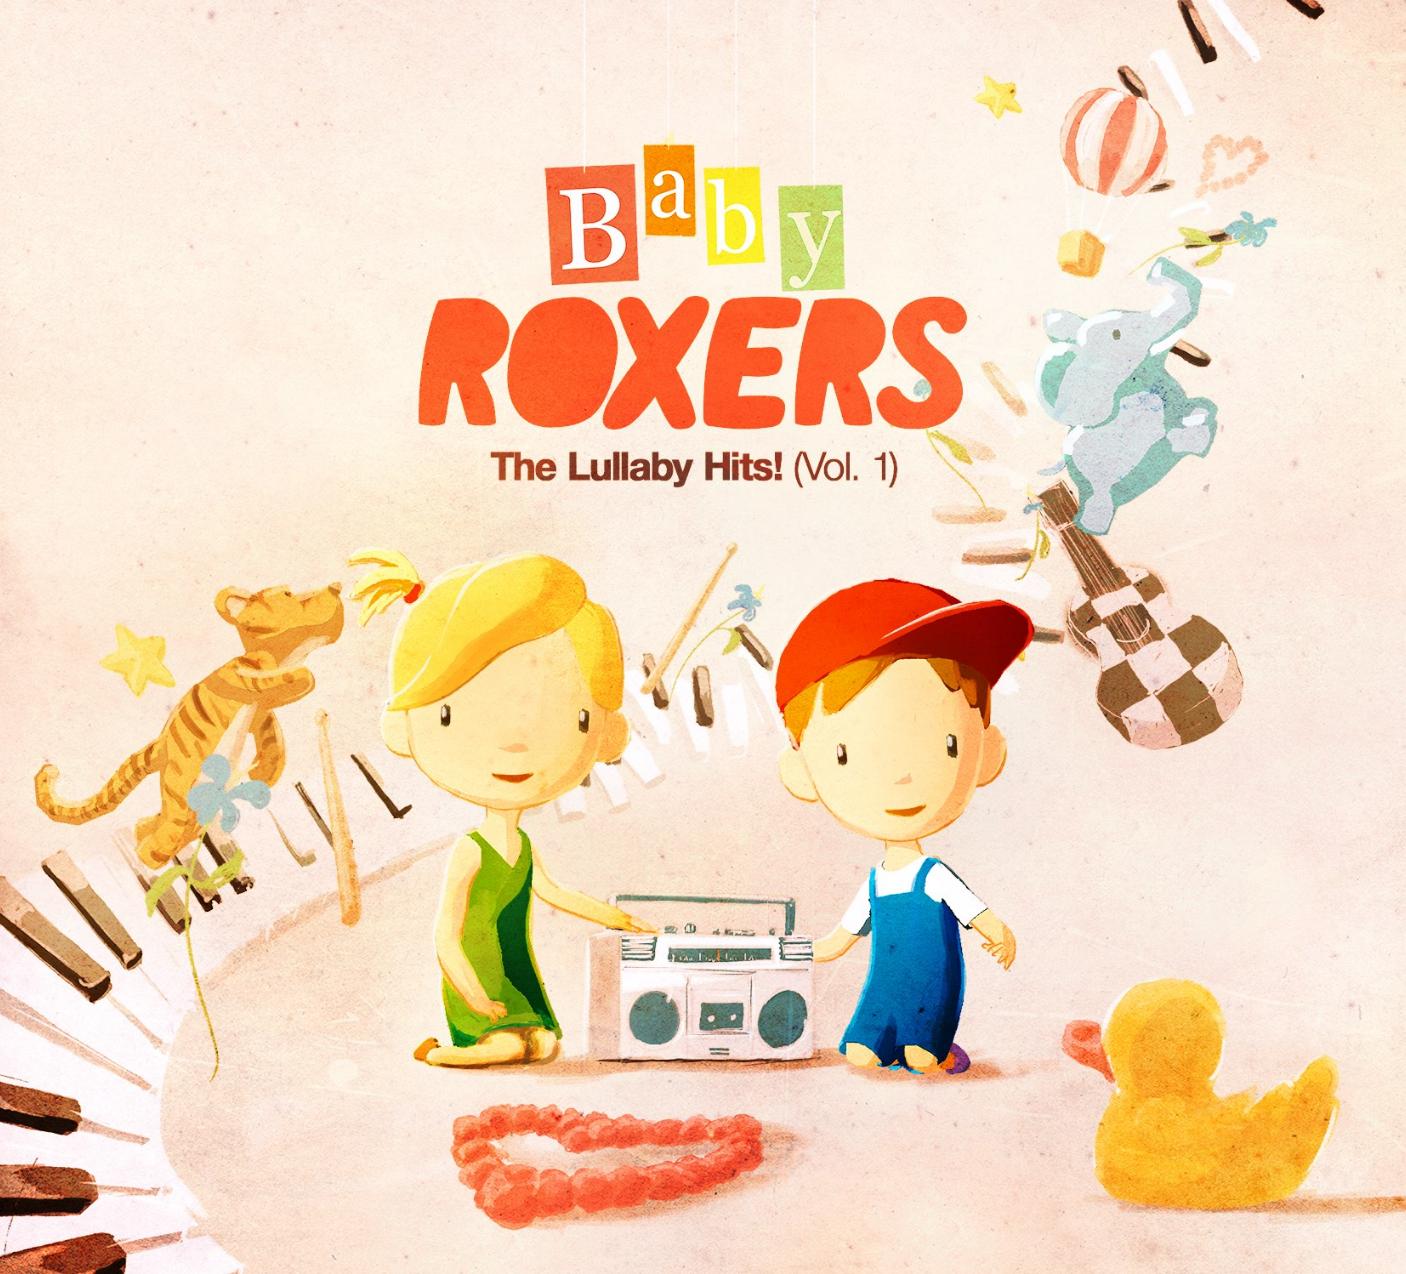 BBW Release Baby Roxers!